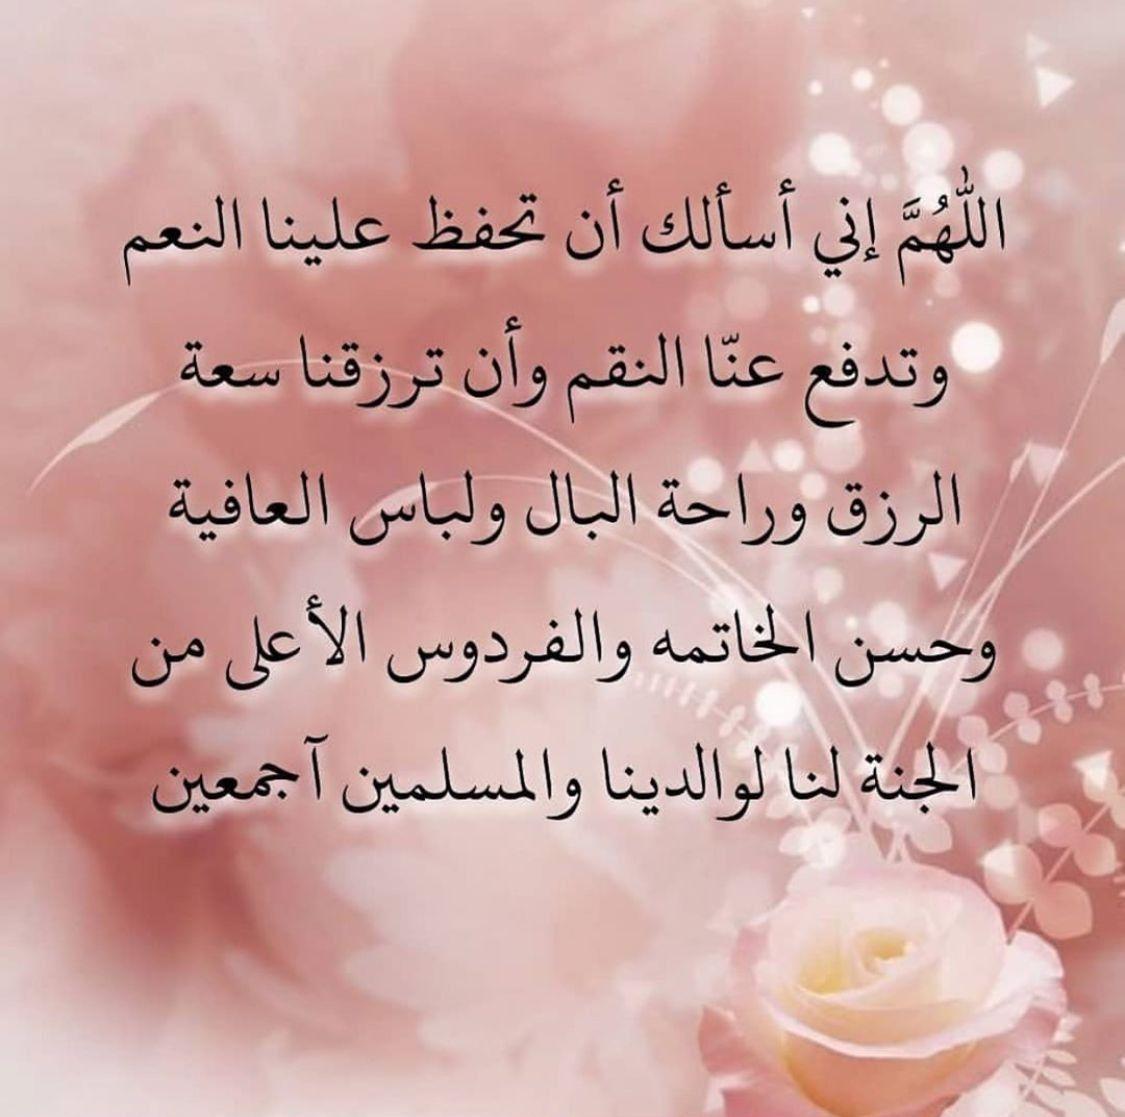 أدعية و أذكار تريح القلوب تقرب الى الله Prayers Printed Shower Curtain Peace